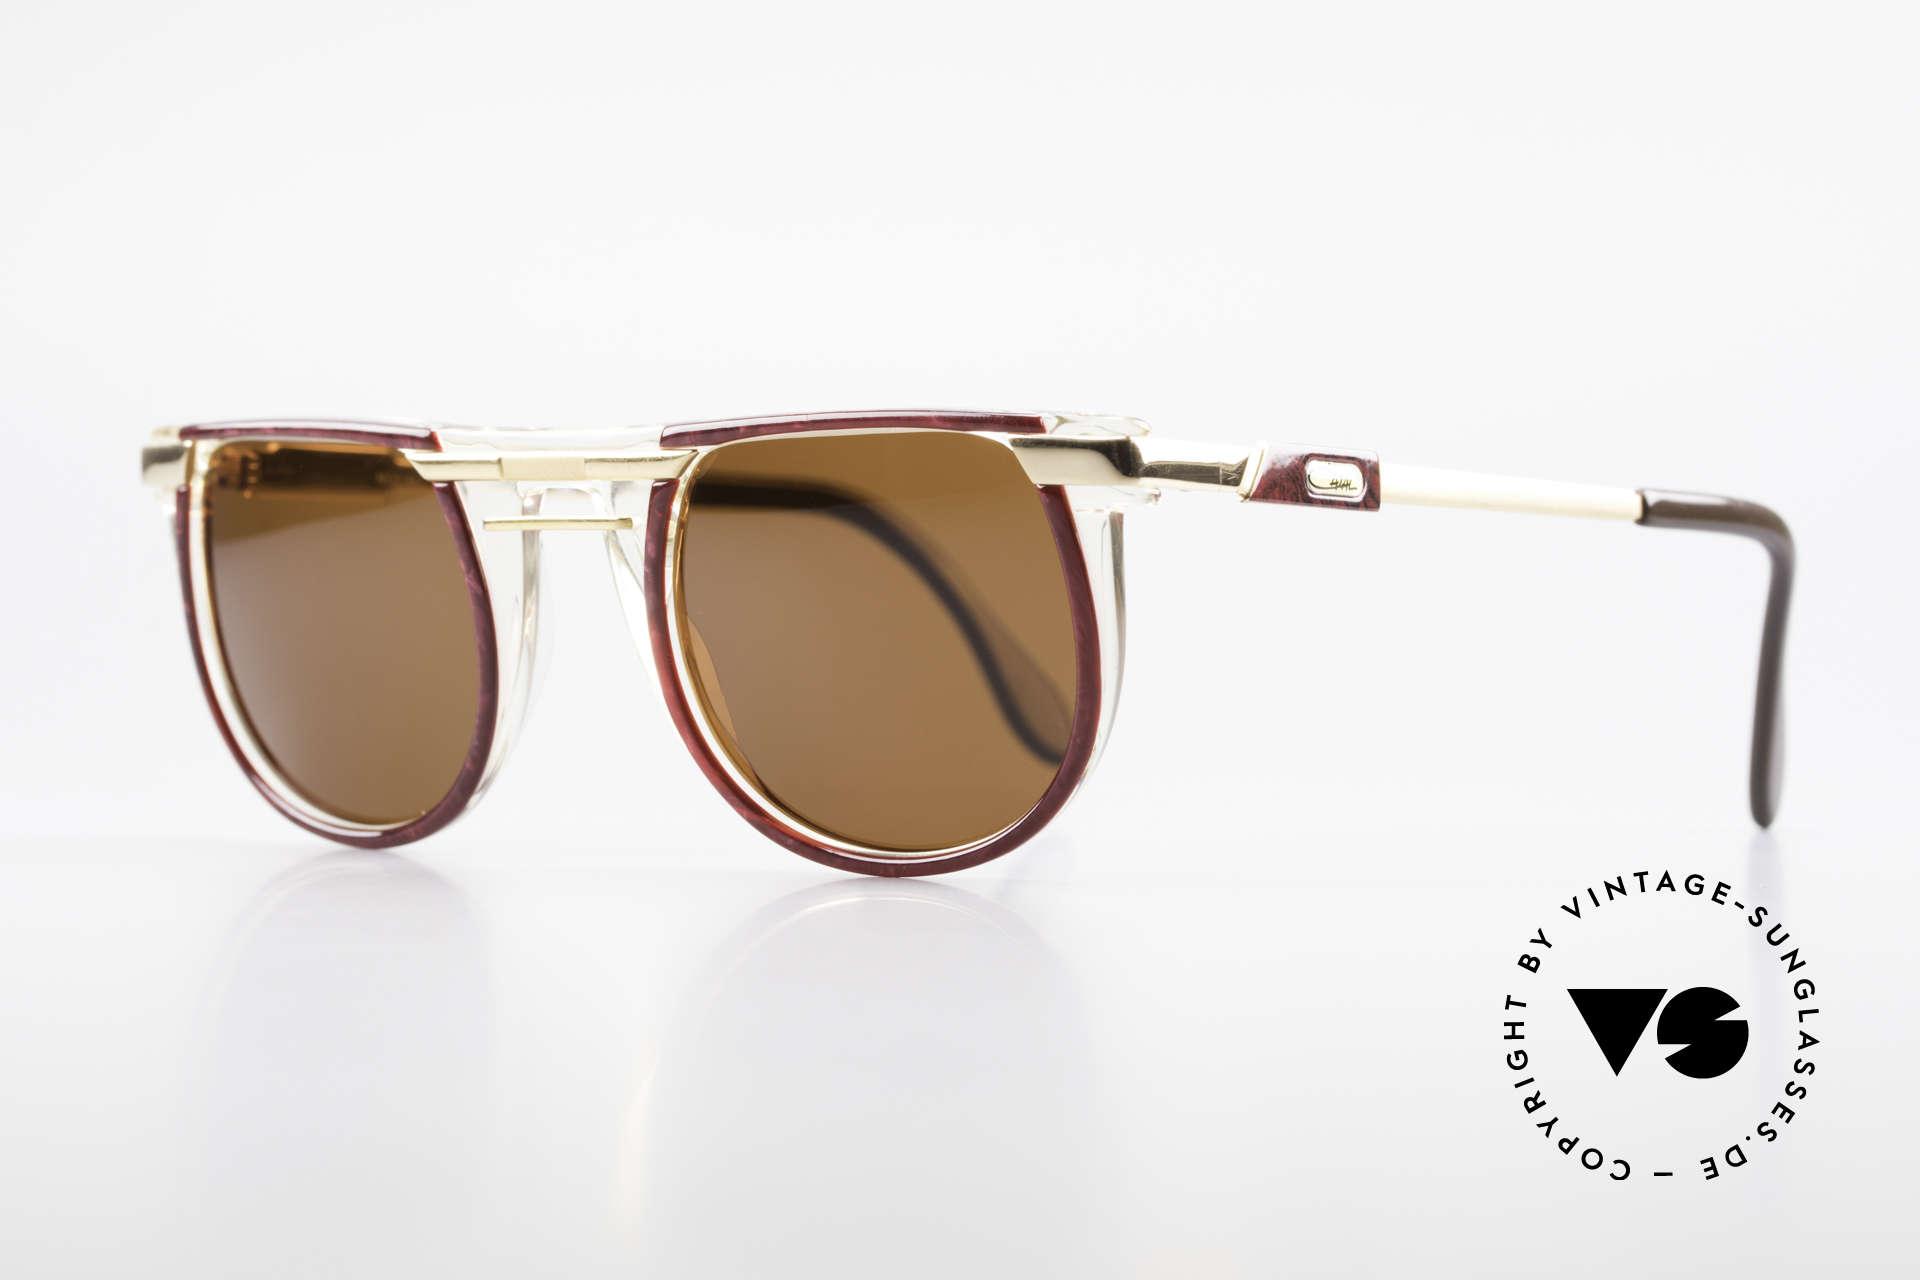 Cazal 647 90er Vintage Sonnenbrille, geniale Kombination v. Farben/Formen/Materialien, Passend für Herren und Damen